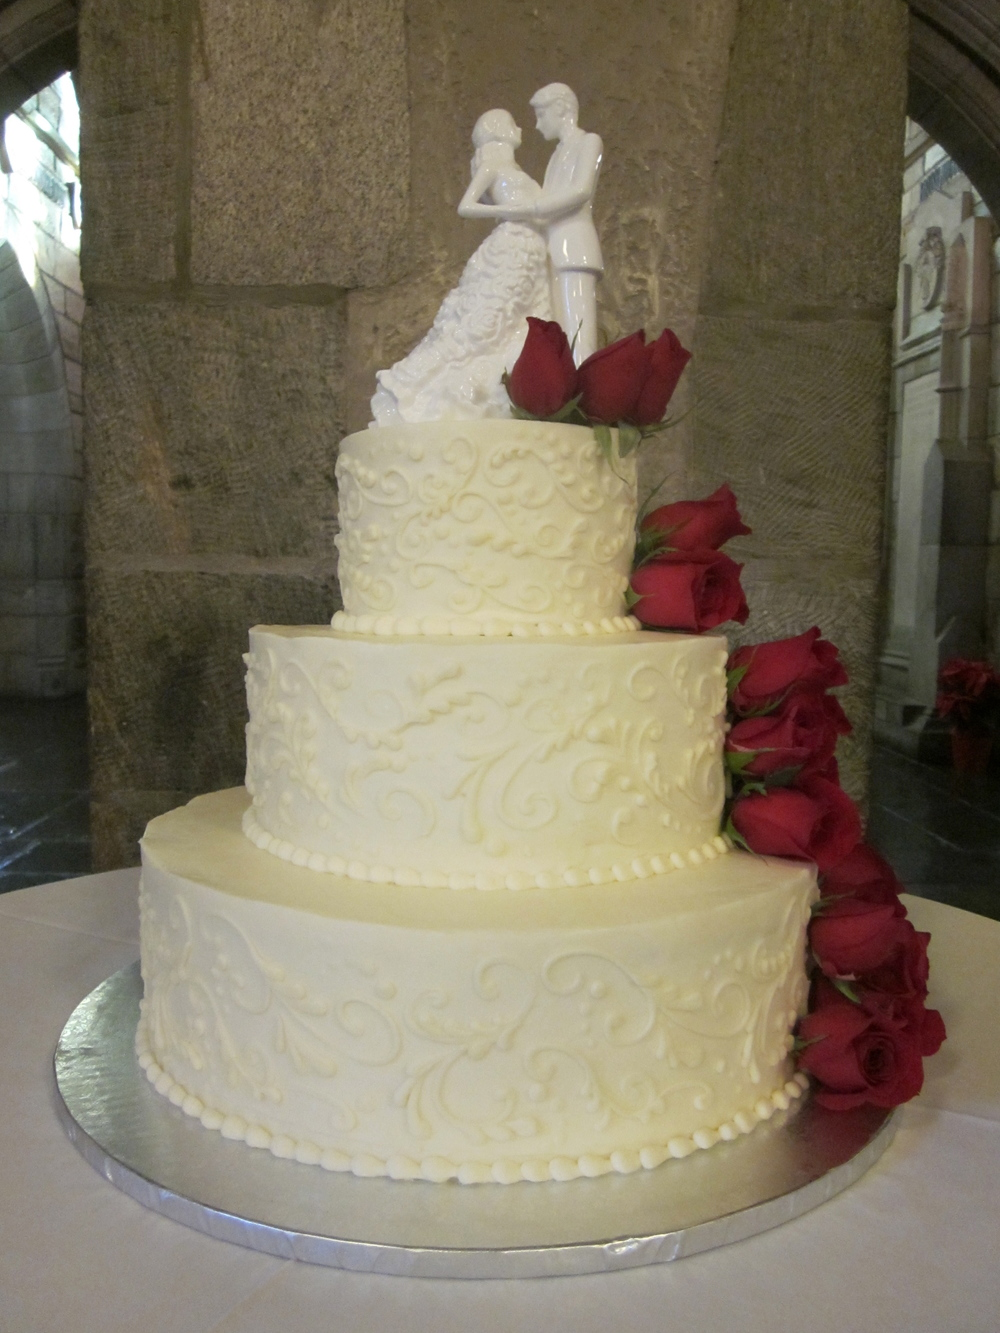 Wedding Cake at Christmas